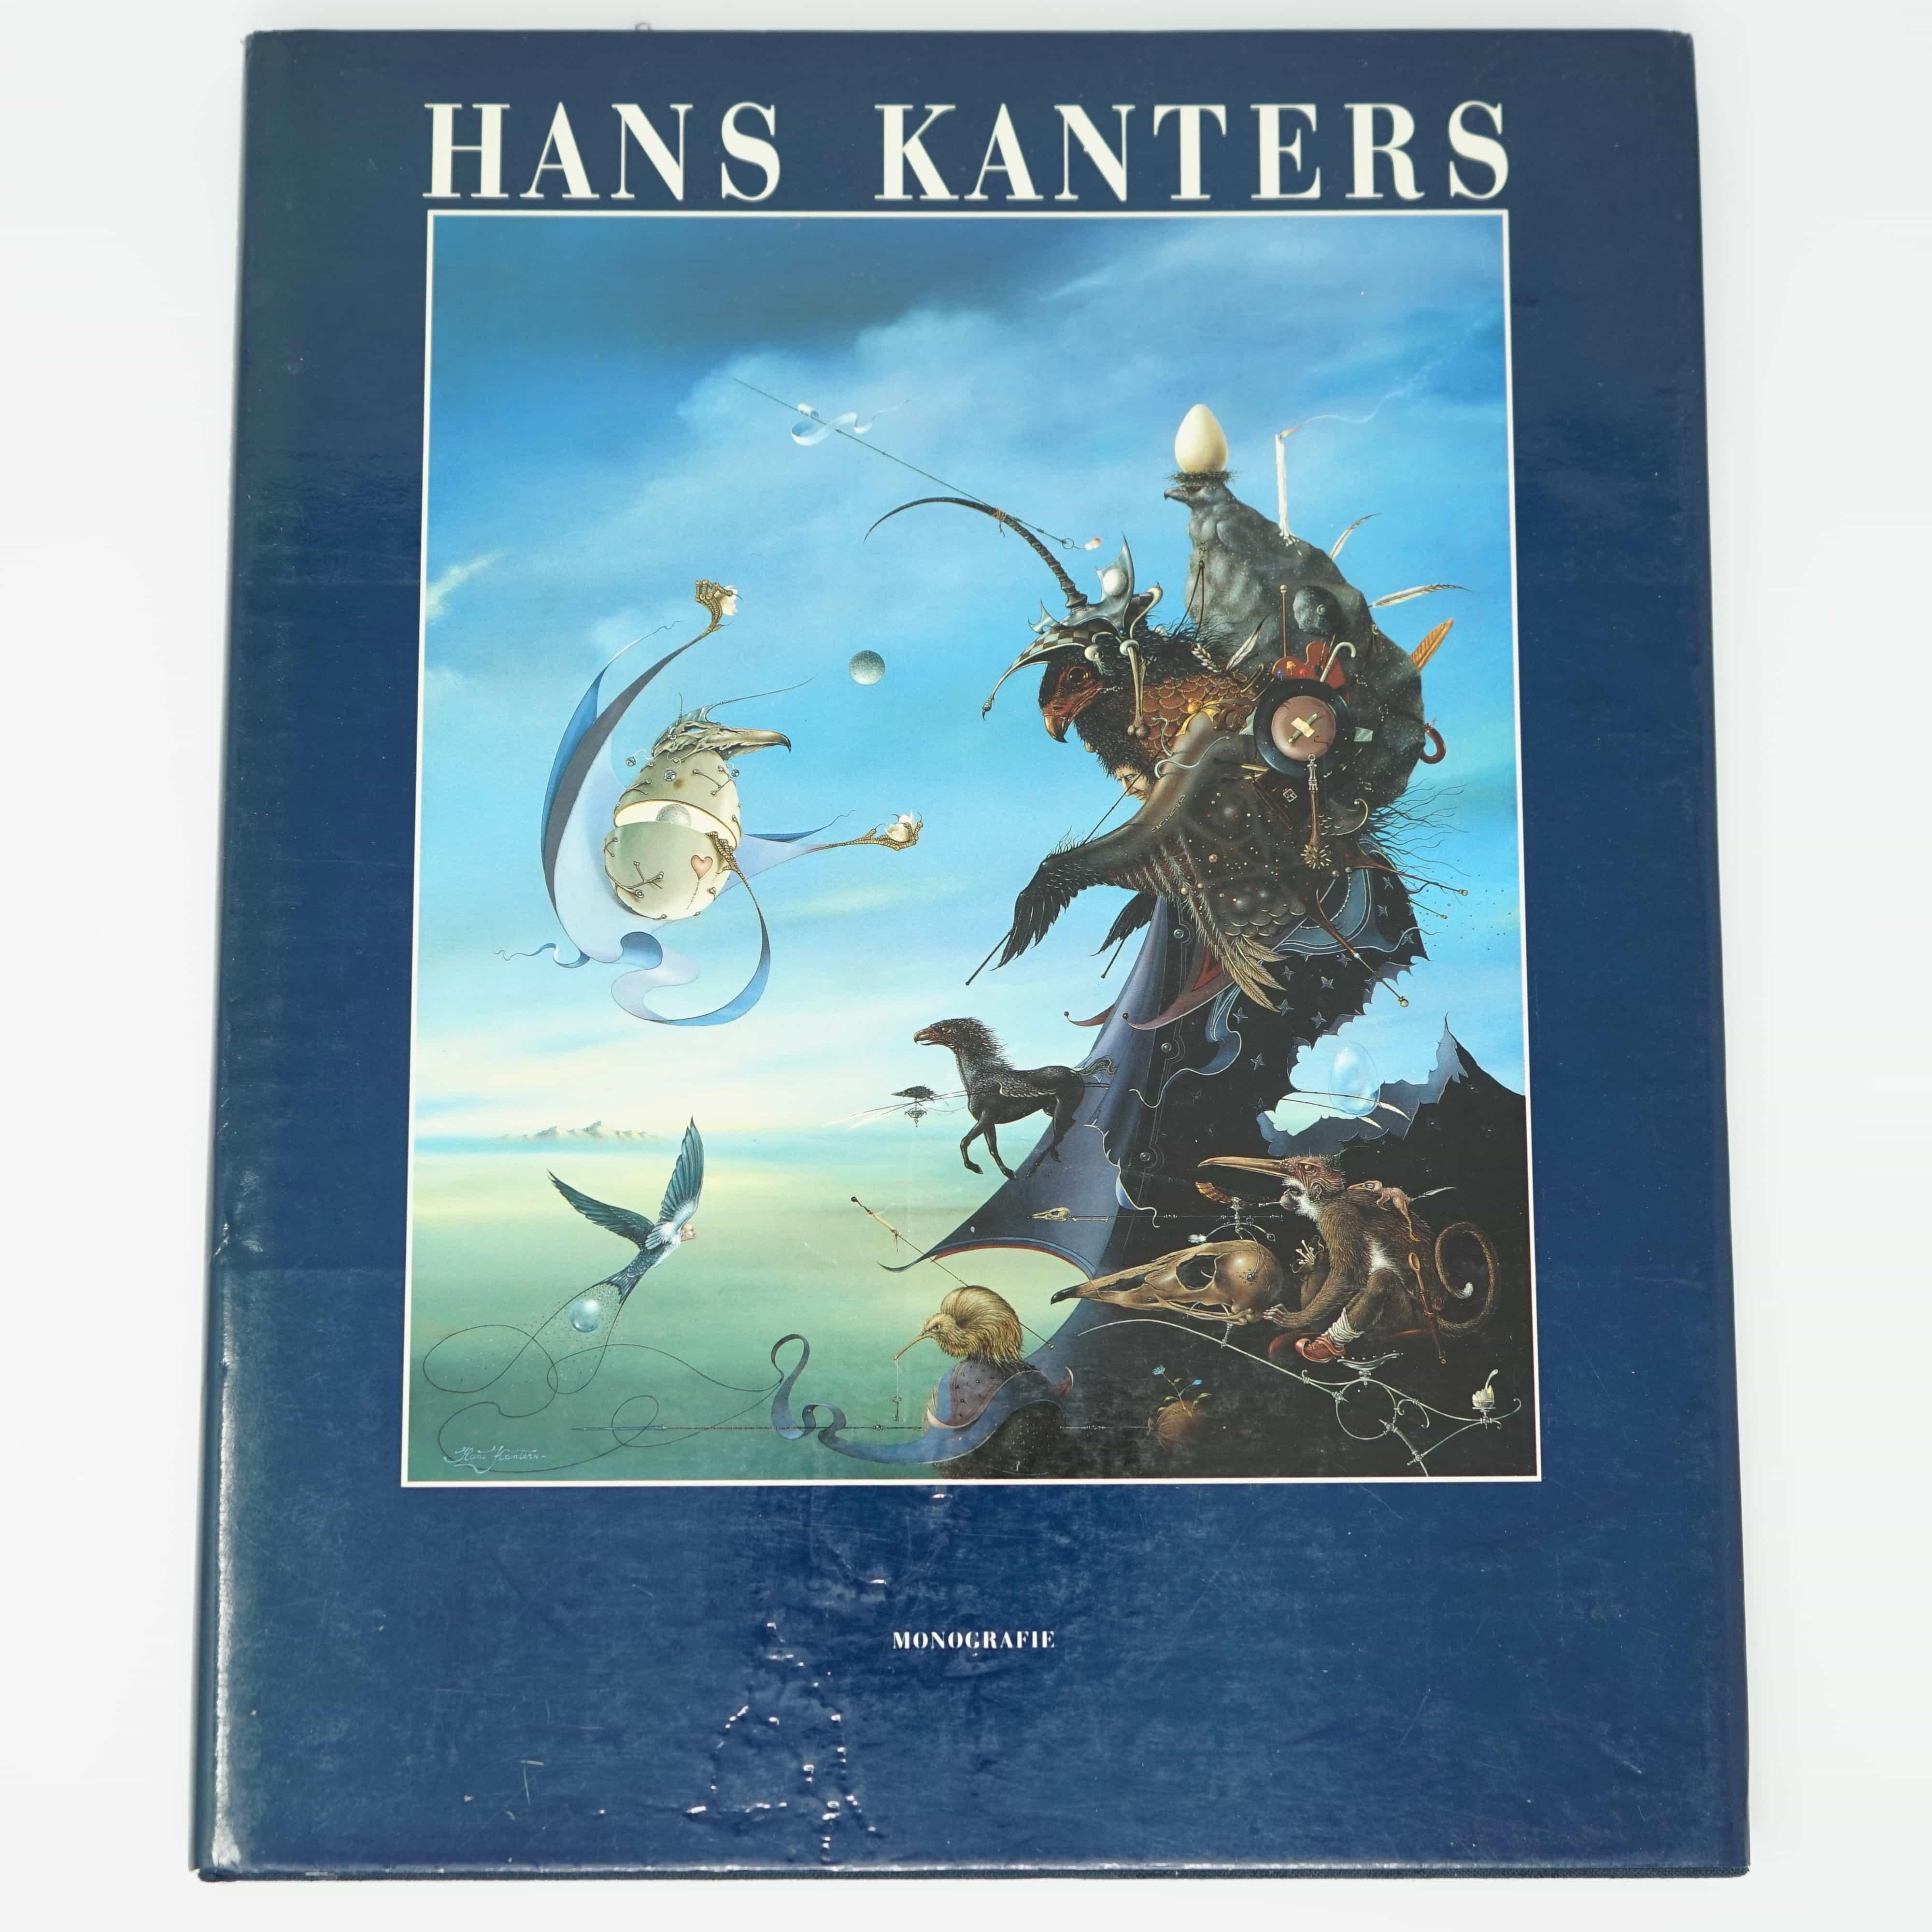 Livre Hans Kanters de 1992